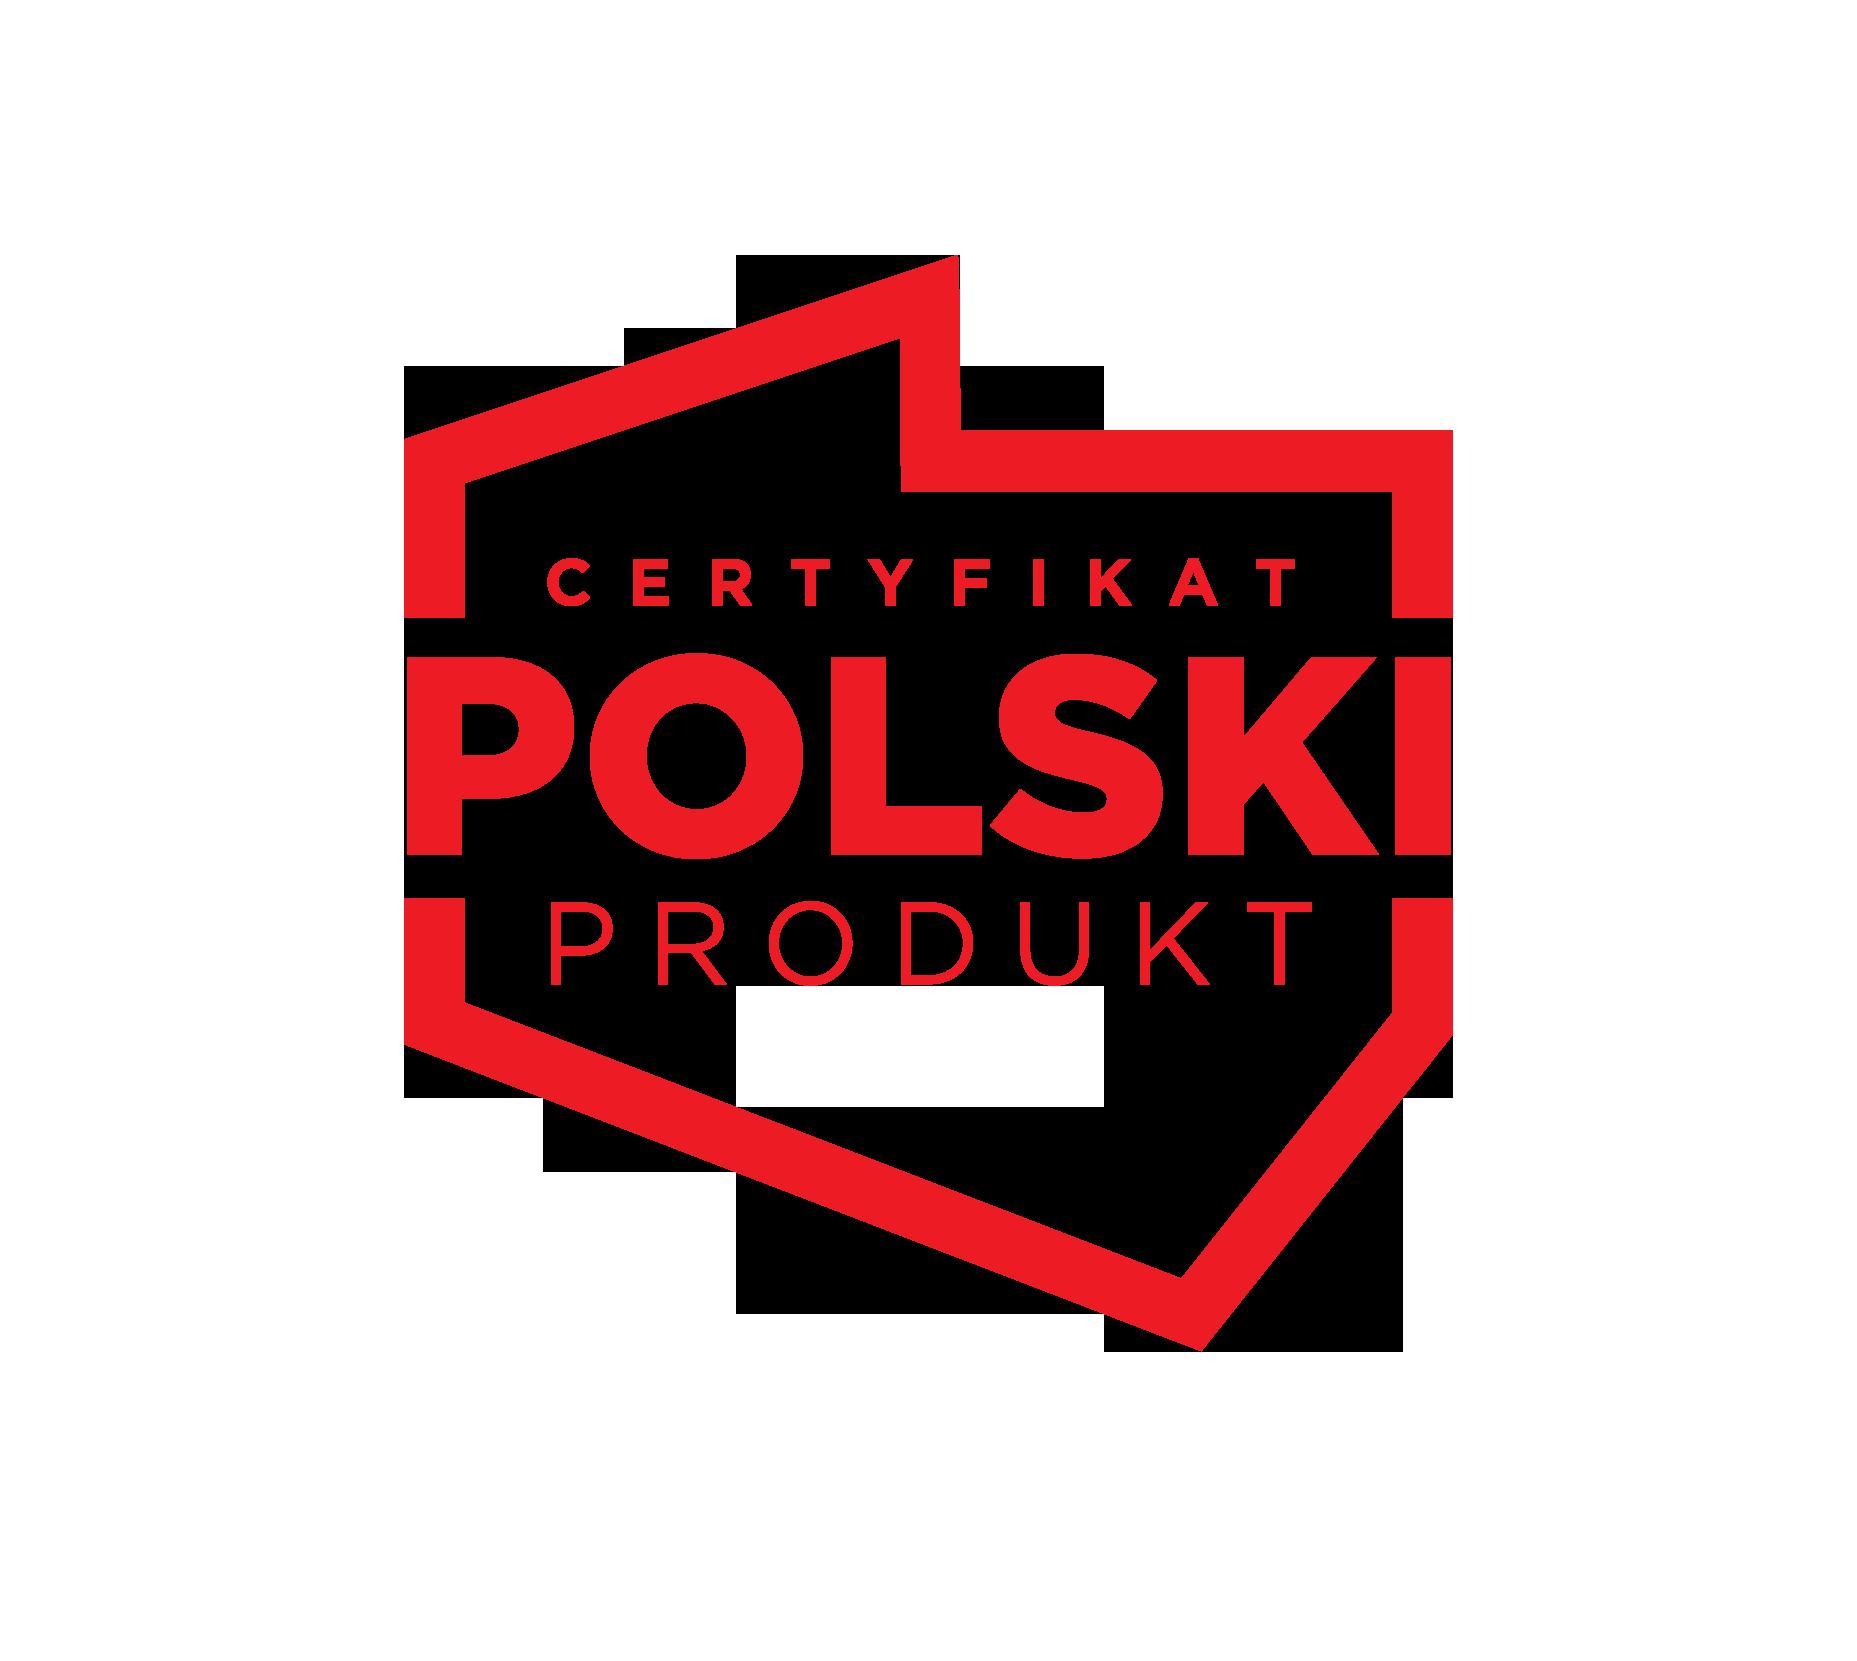 CertyfikatPolski_logotype-1 (1)